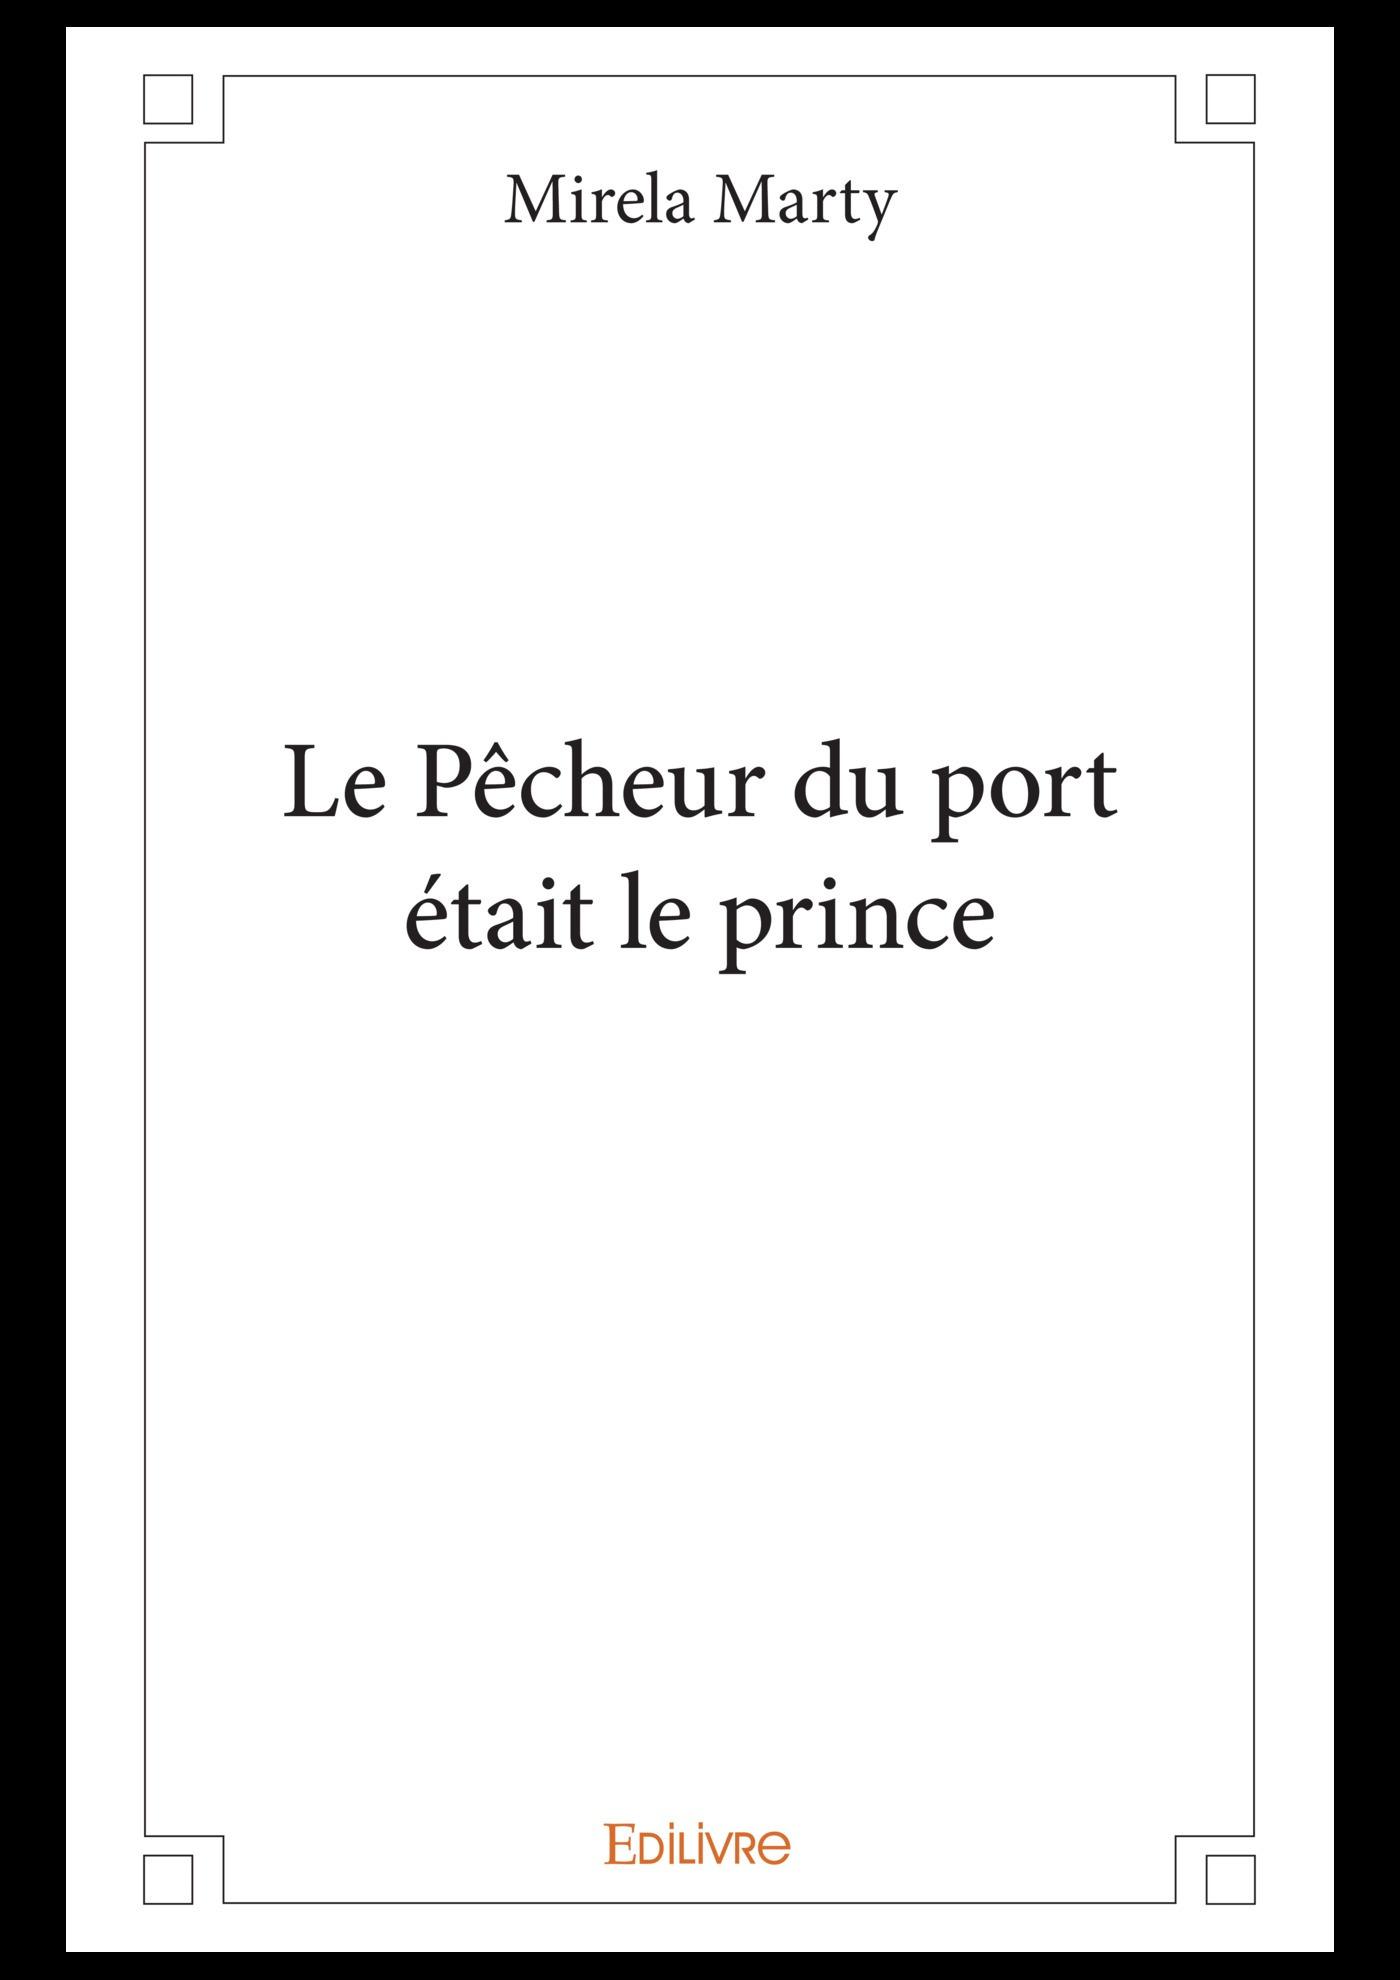 Le Pêcheur du port était le prince